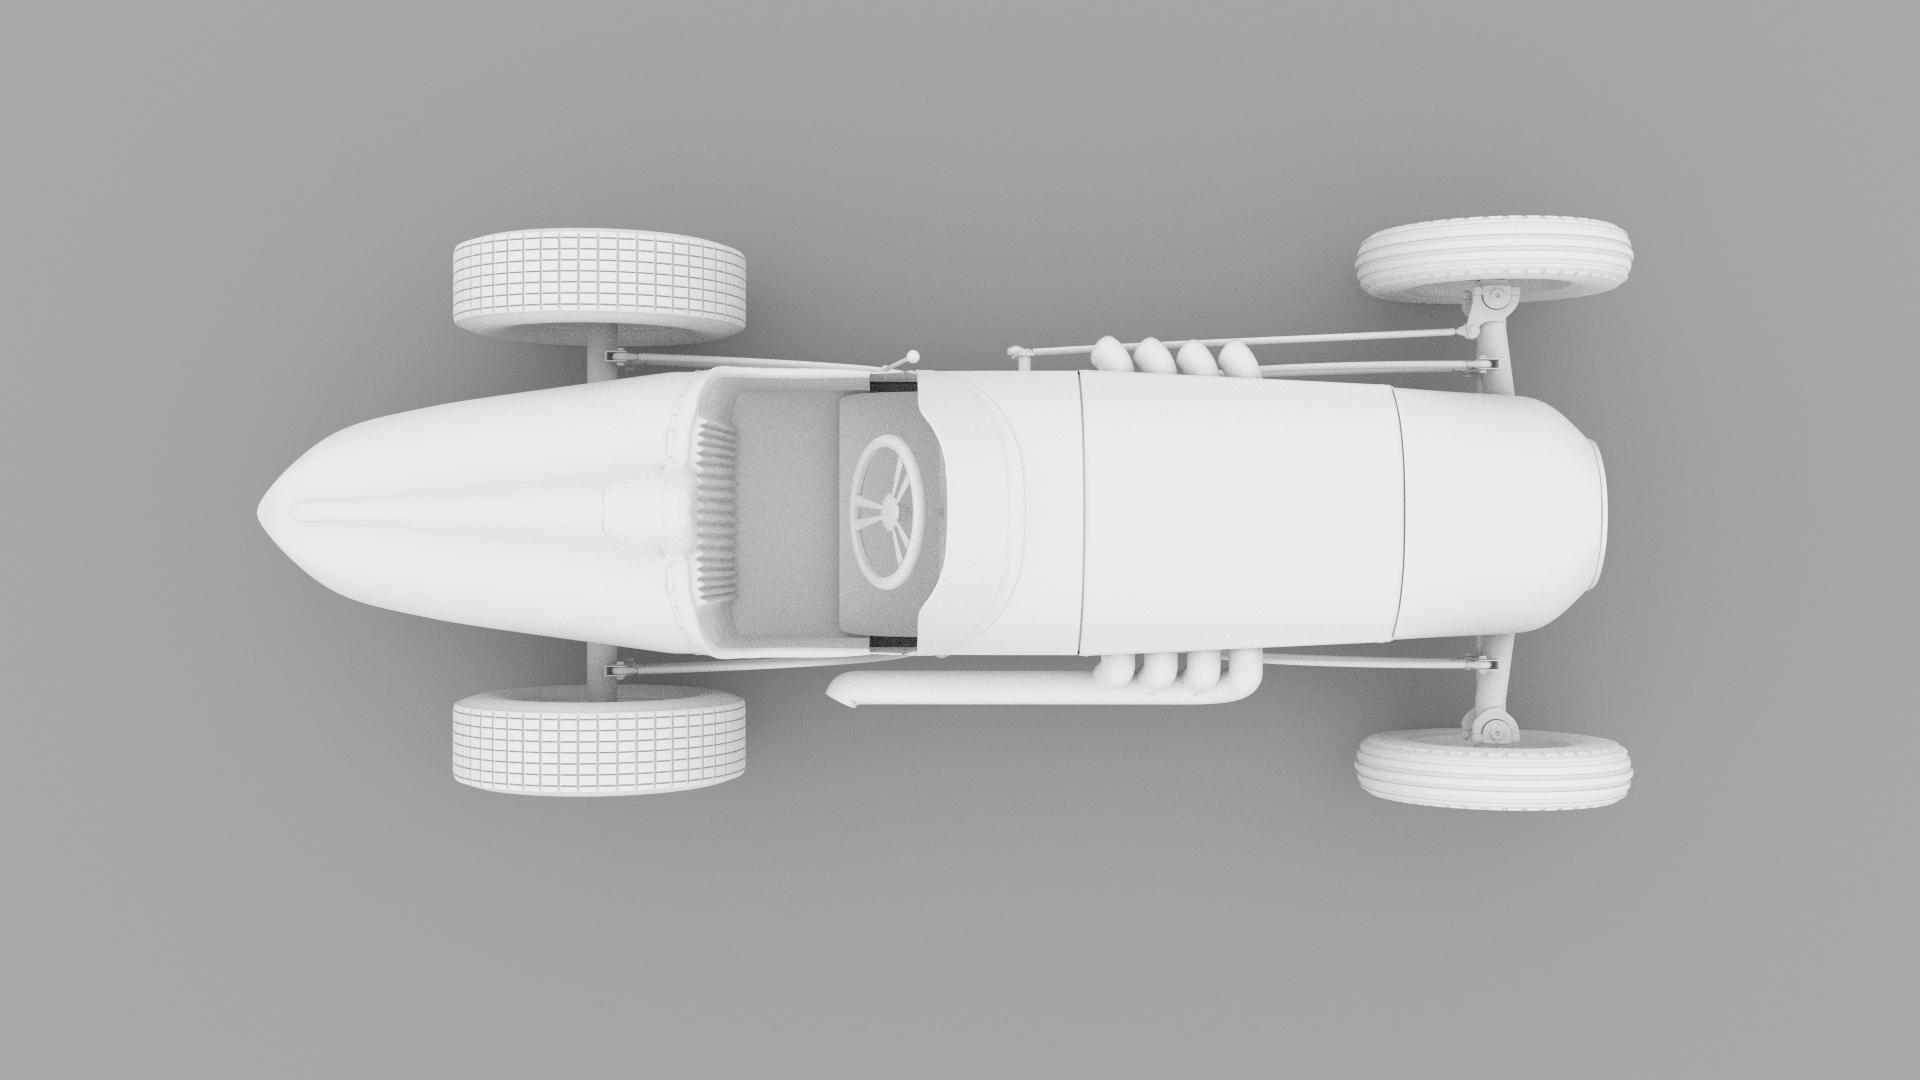 Vintage Sprint Car 3D Model by Media Pixel™ by tufgi | 3DOcean